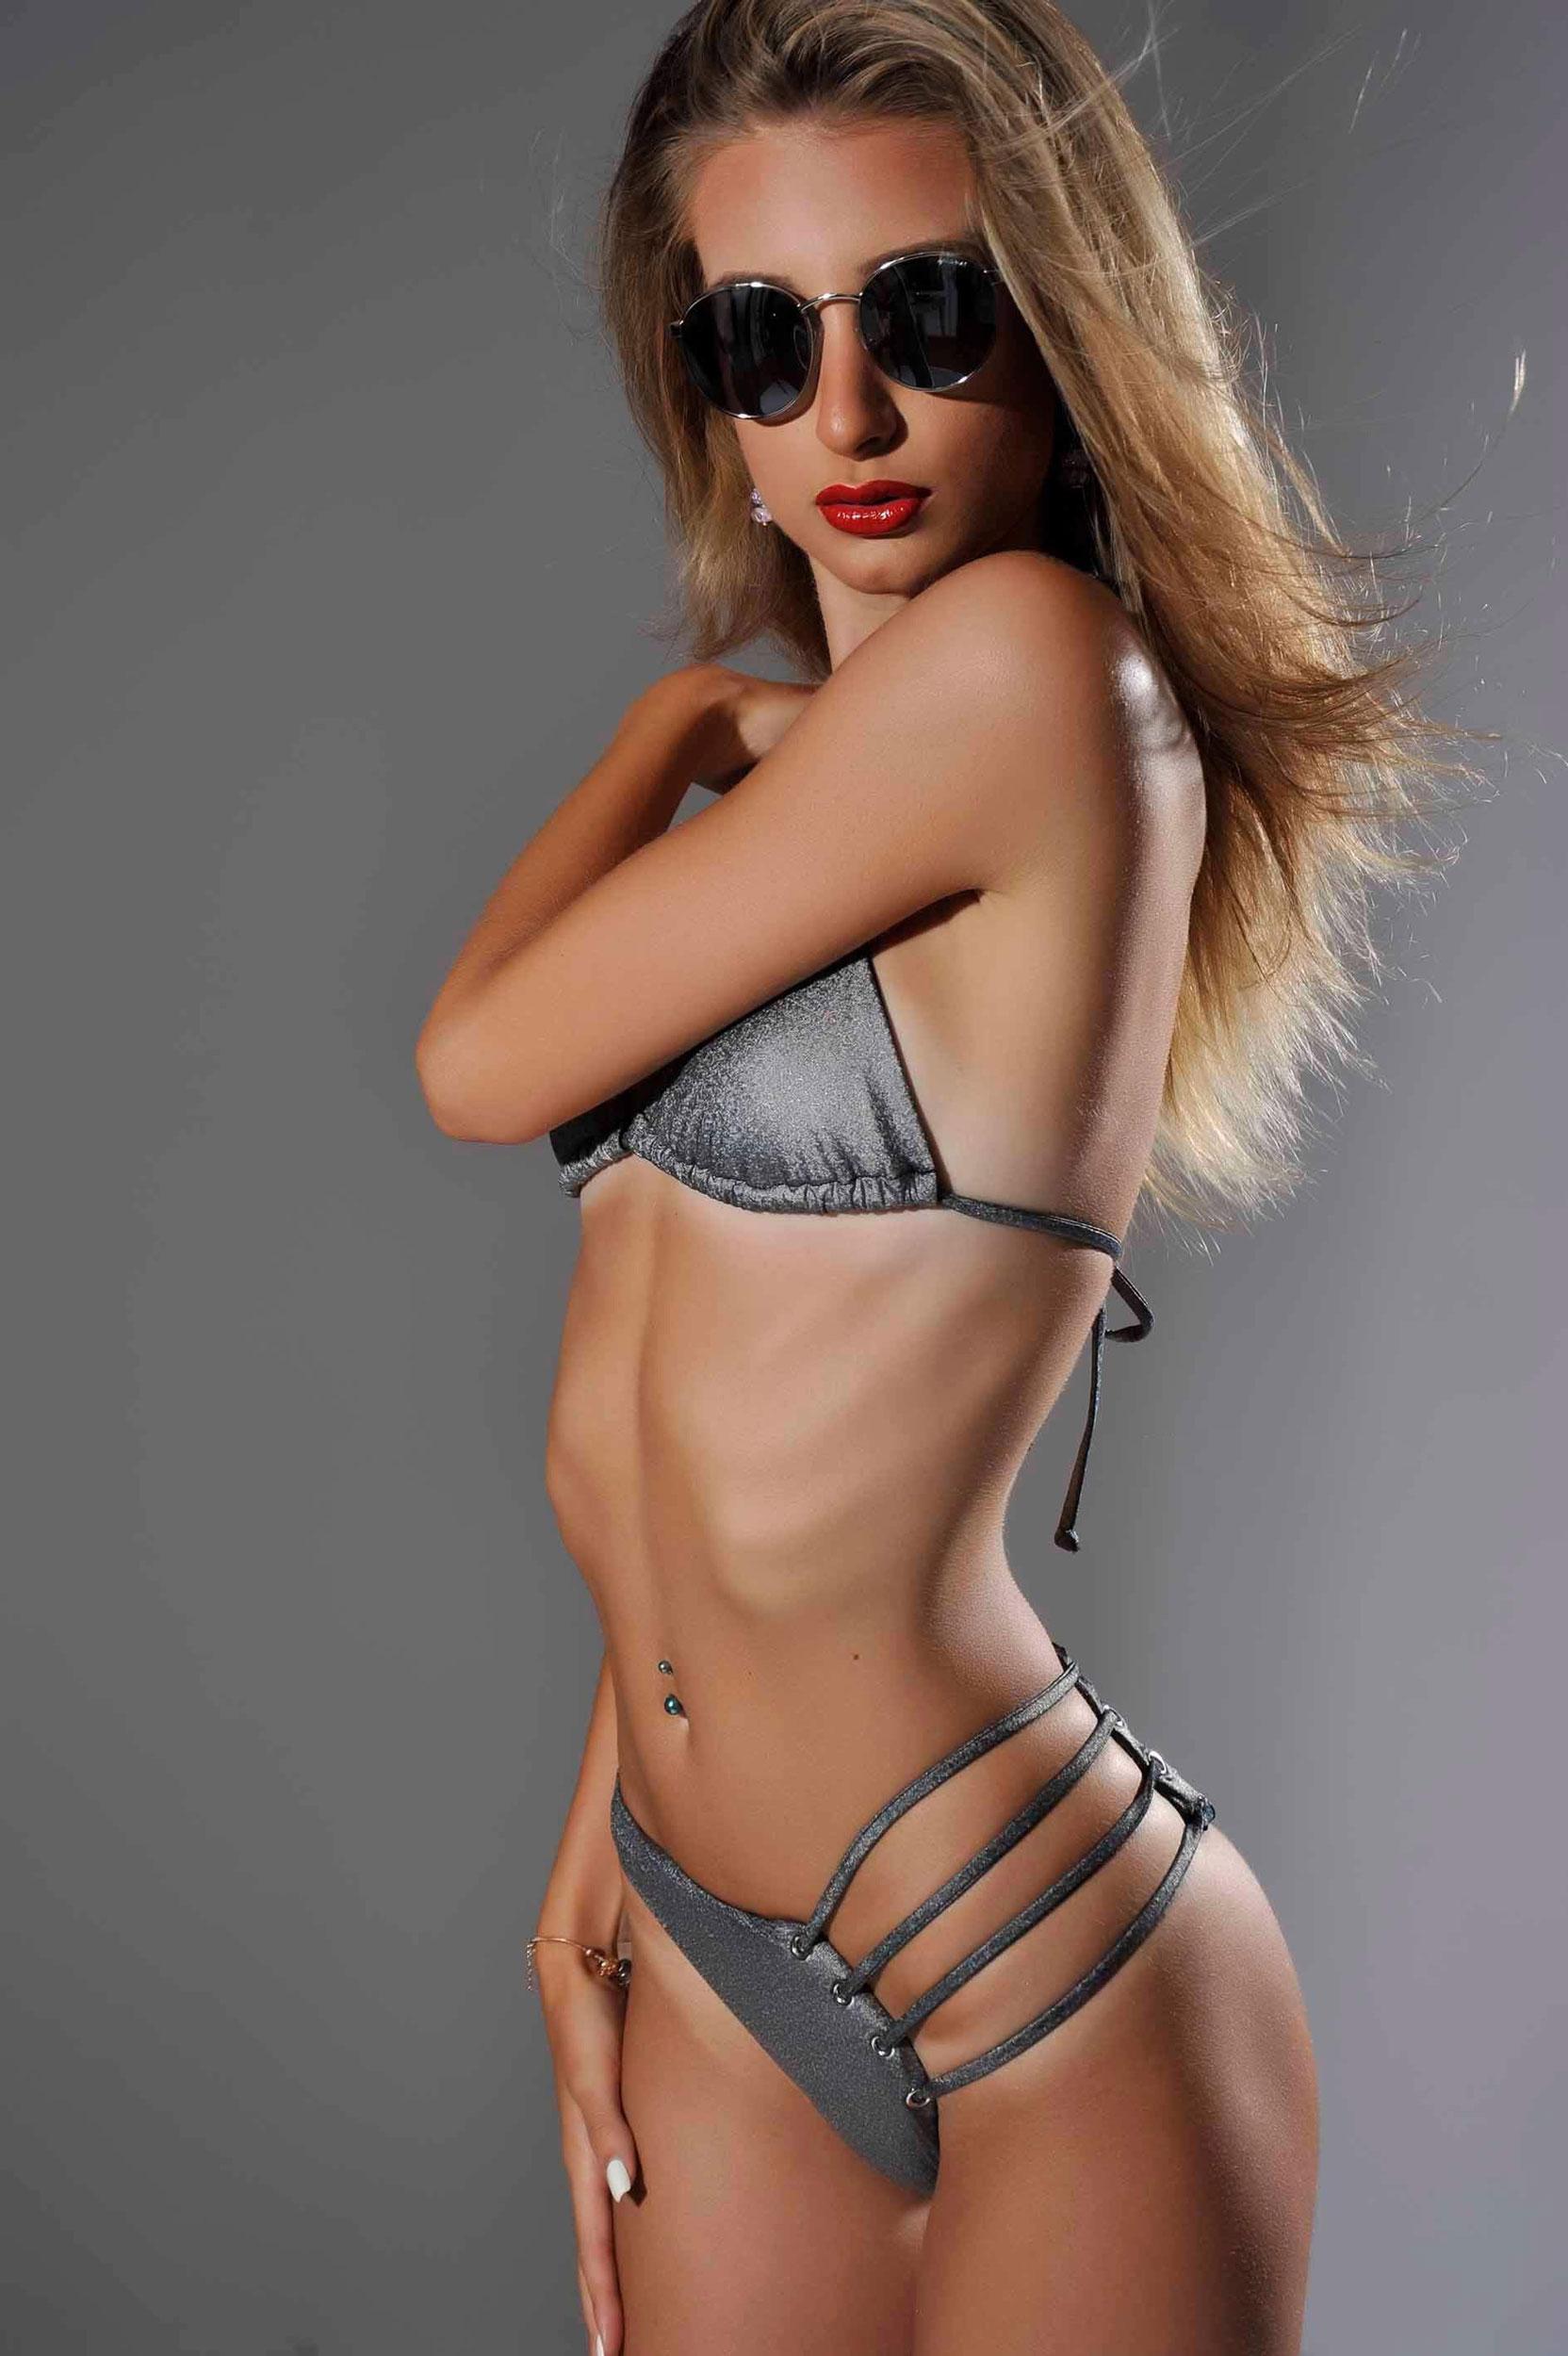 Creative-Models-Agency-Agenzia-di-Modelle-Brescia-Fabiola-Modella11